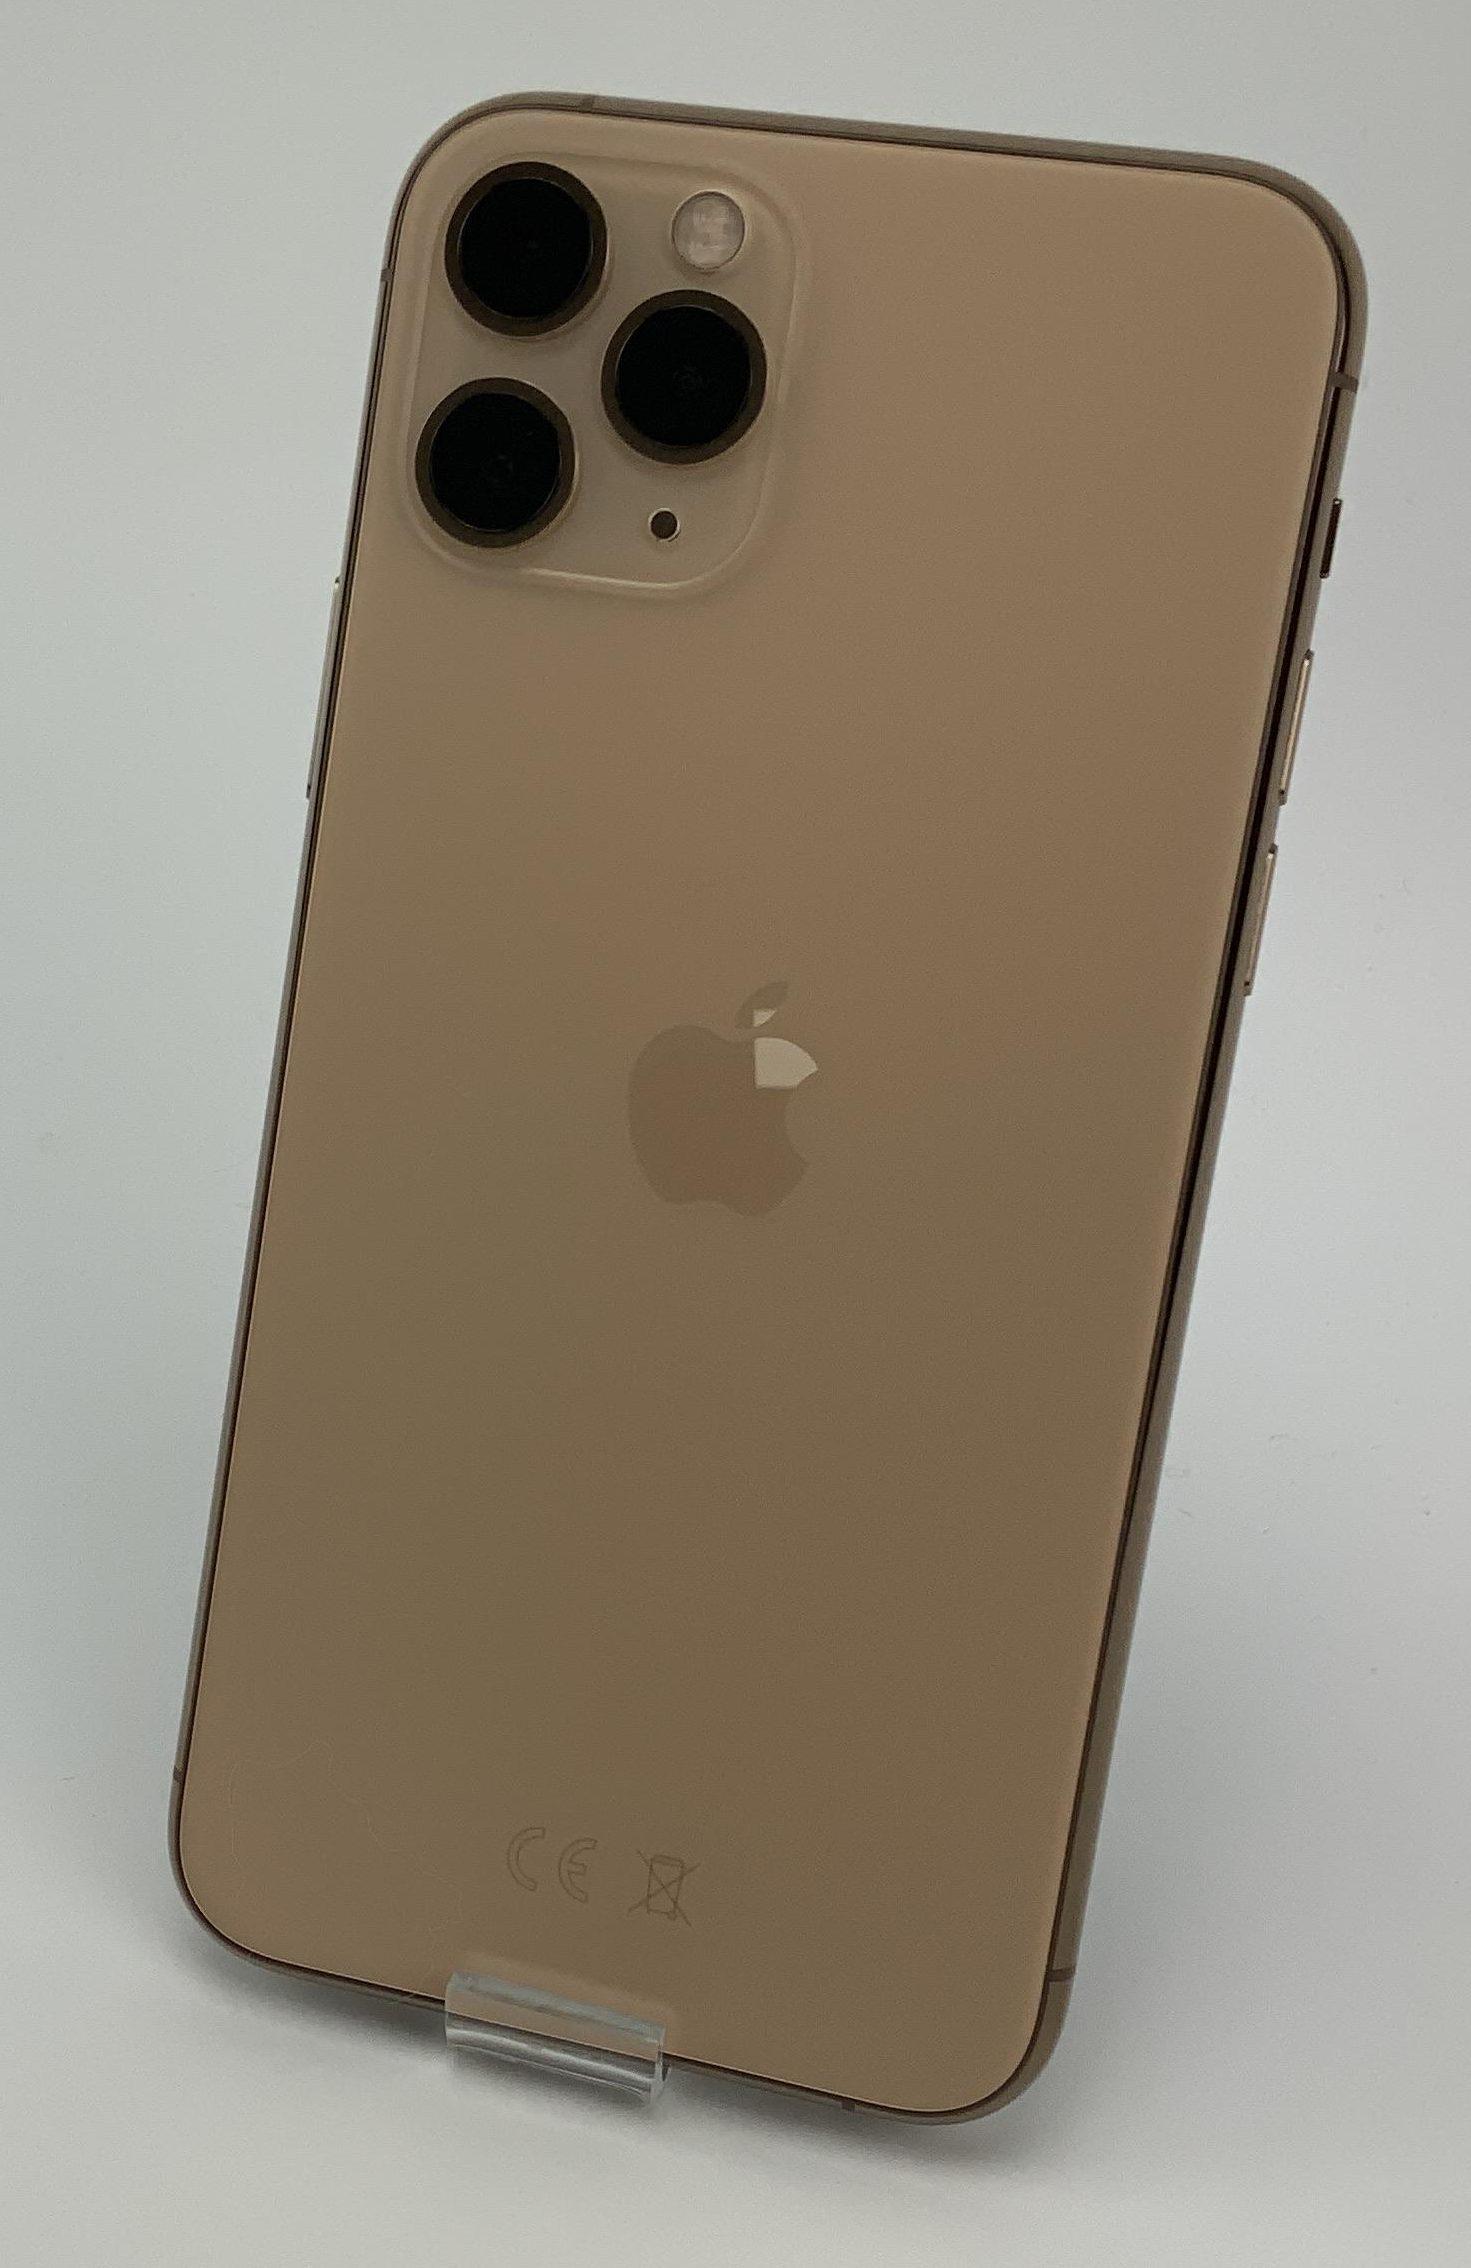 iPhone 11 Pro 64GB, 64GB, Gold, imagen 2